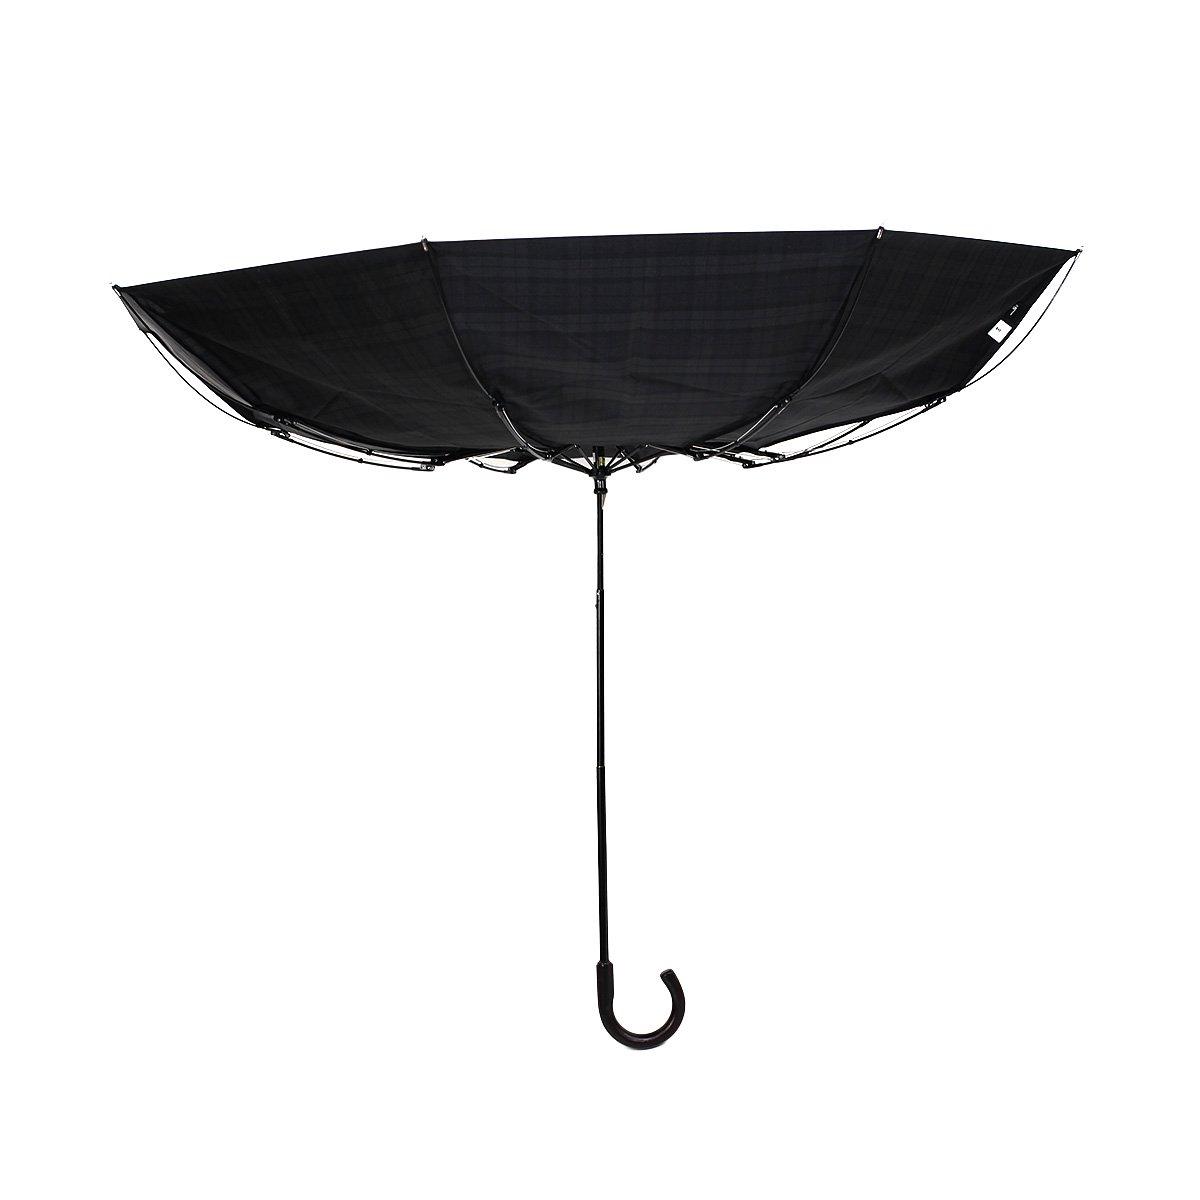 【セール】ダブルストライプ 耐風骨 折りたたみ傘 詳細画像12